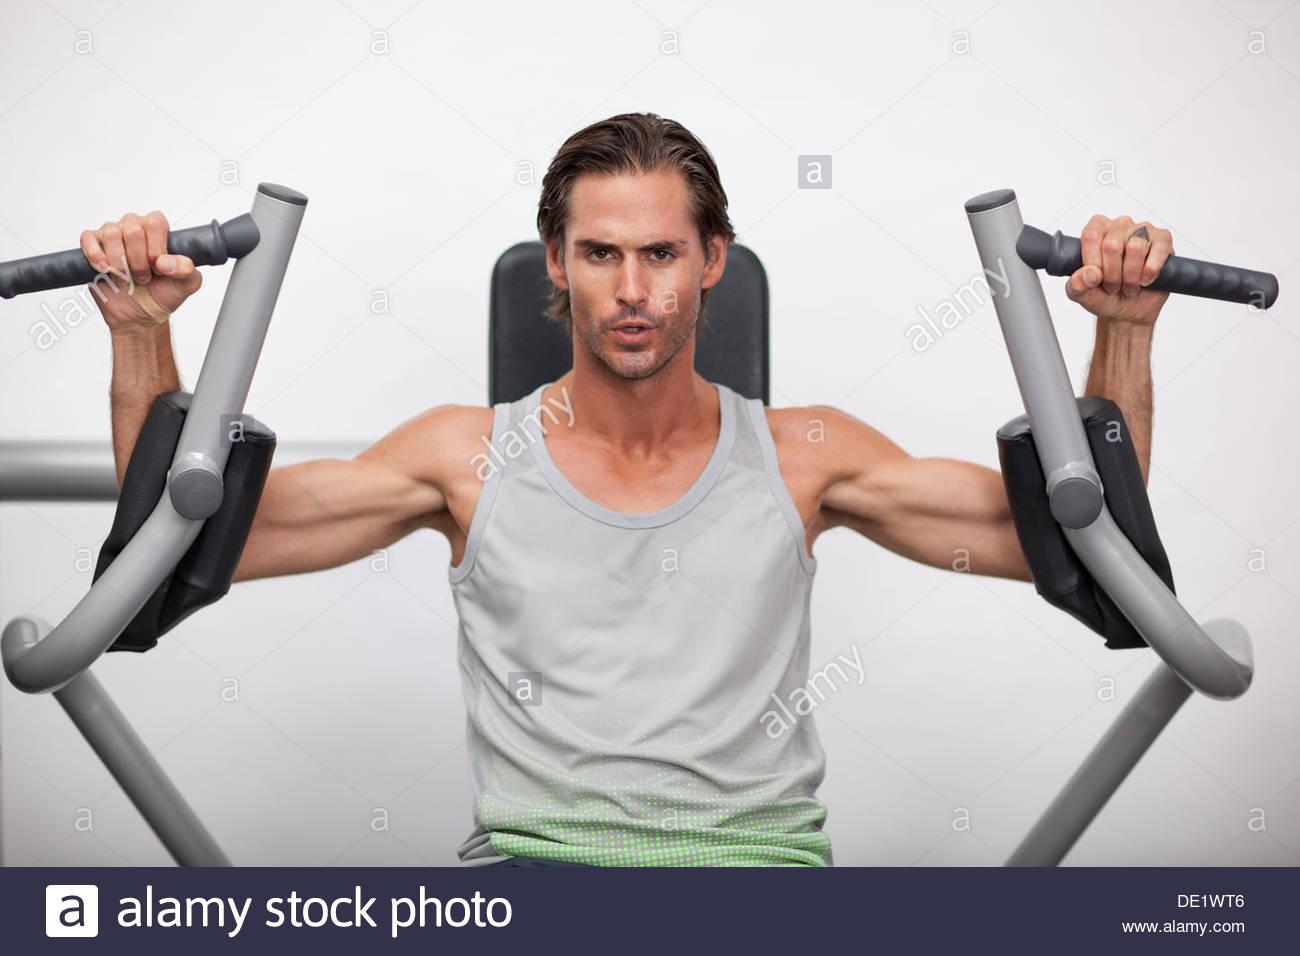 Portrait de l'homme en utilisant l'équipement d'exercice dans un gymnase Photo Stock